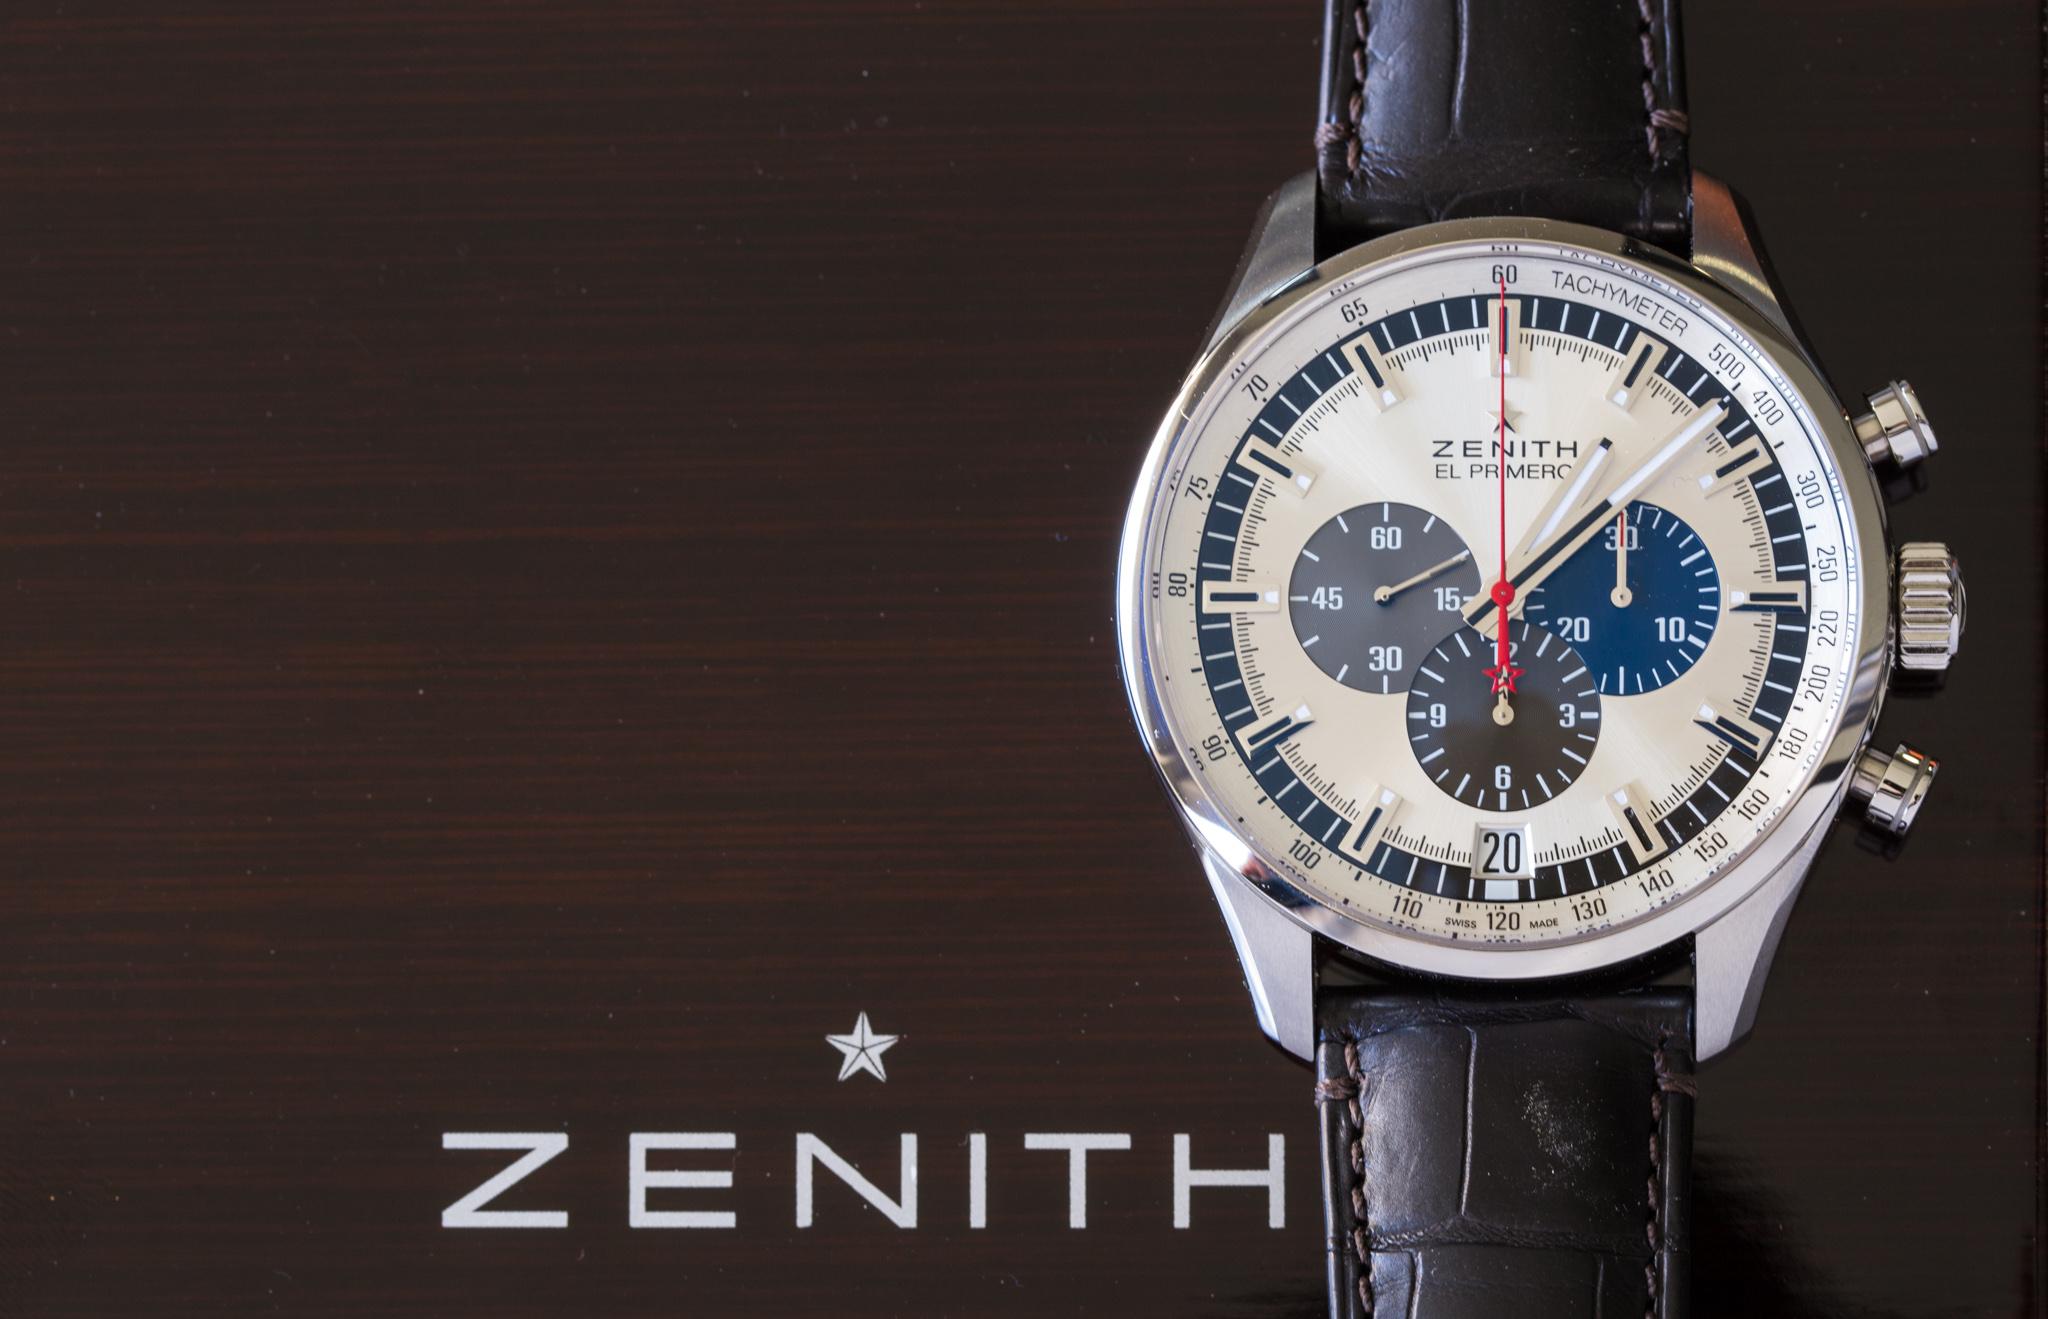 Zenith El Primero review